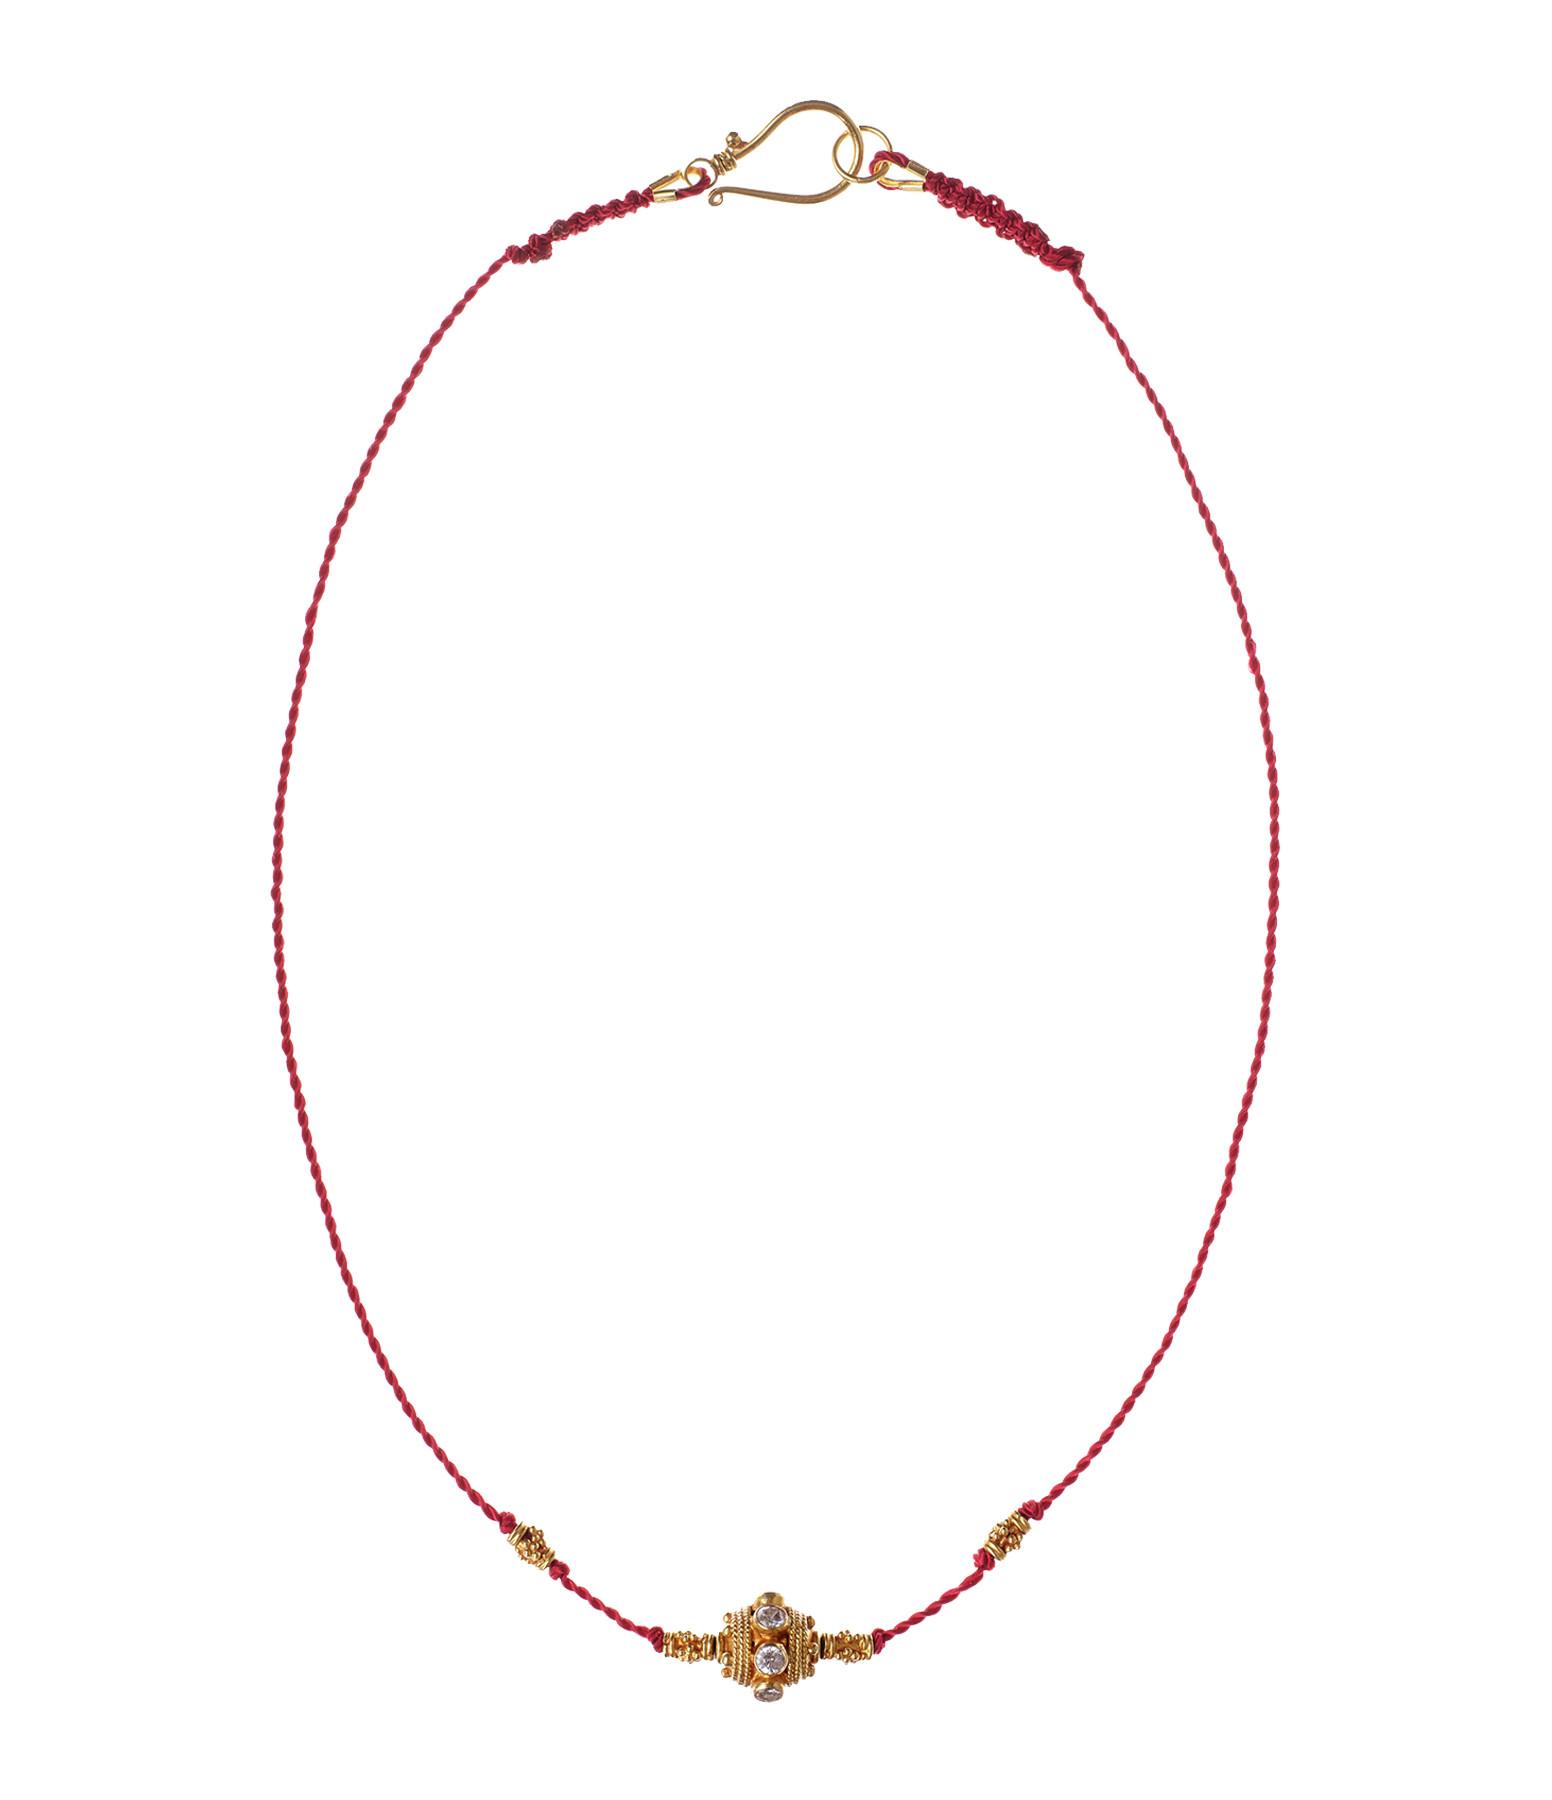 TITYARAVY - Collier Sarasvati Diamants Or